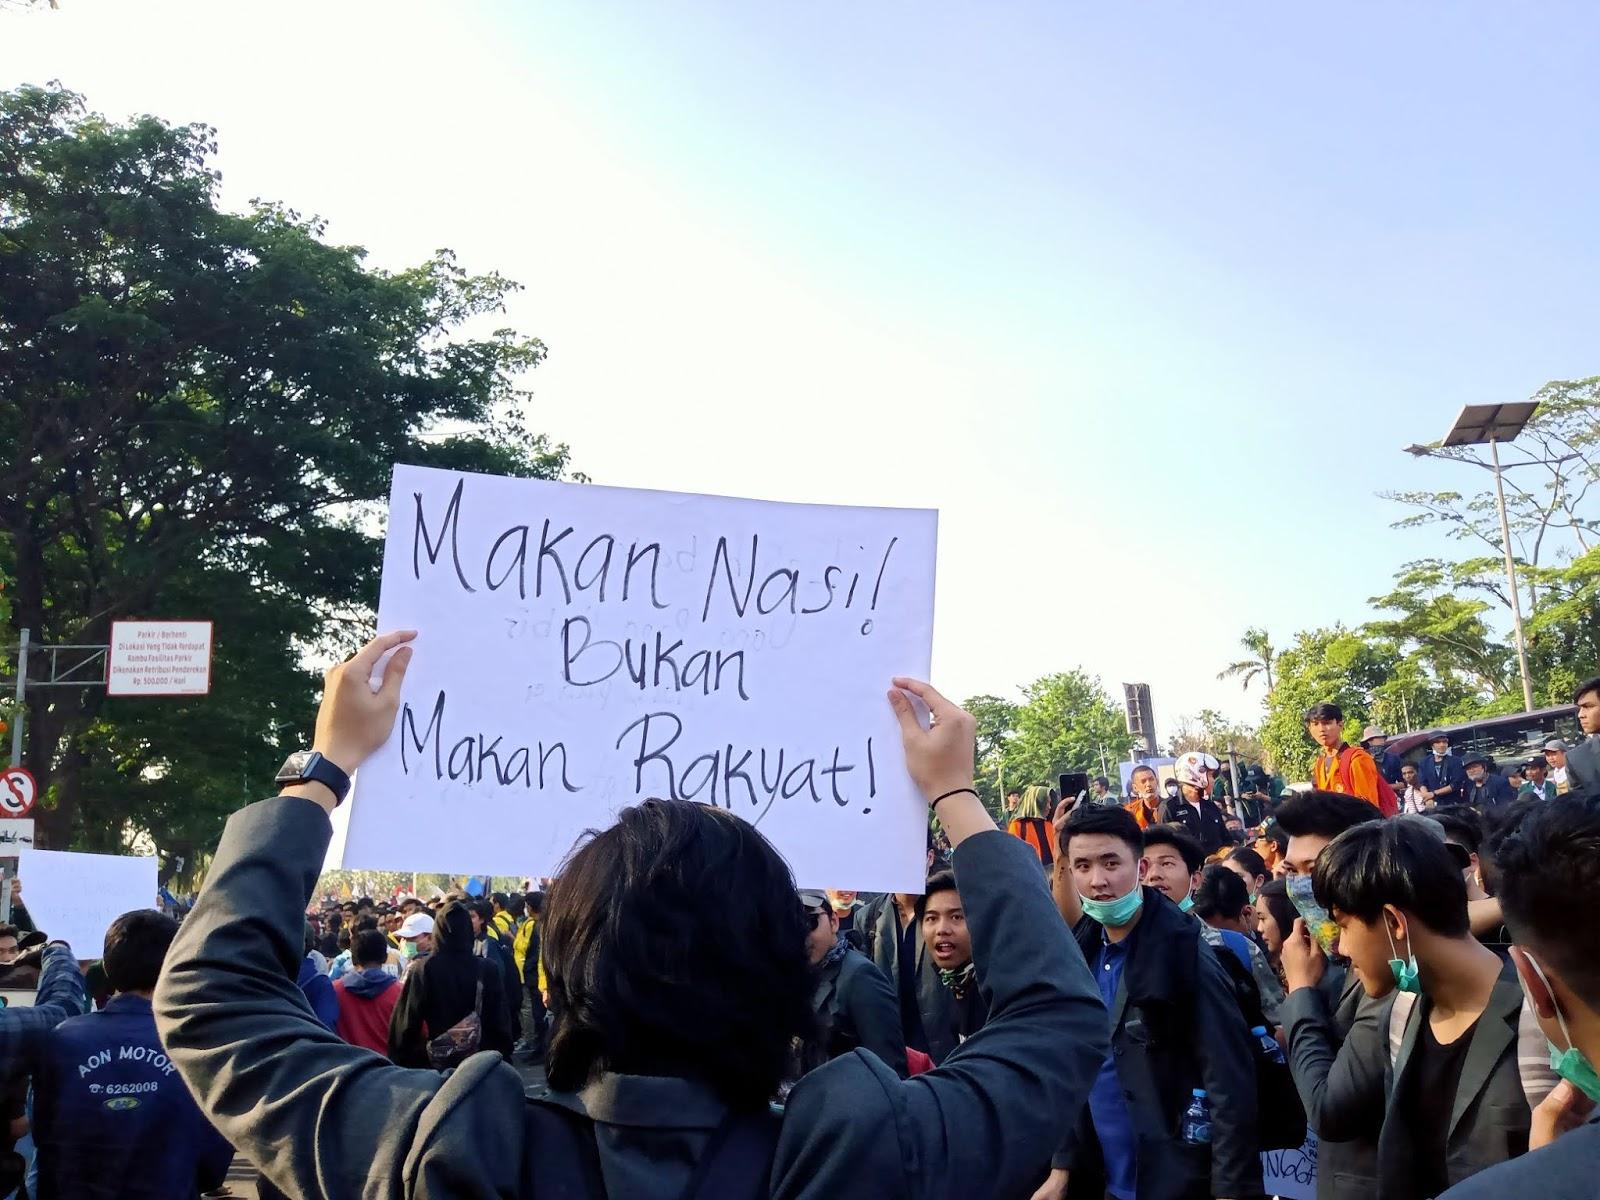 Menristekdikti ke Mahasiswa yang Demo: Yang Didemokan Apa?